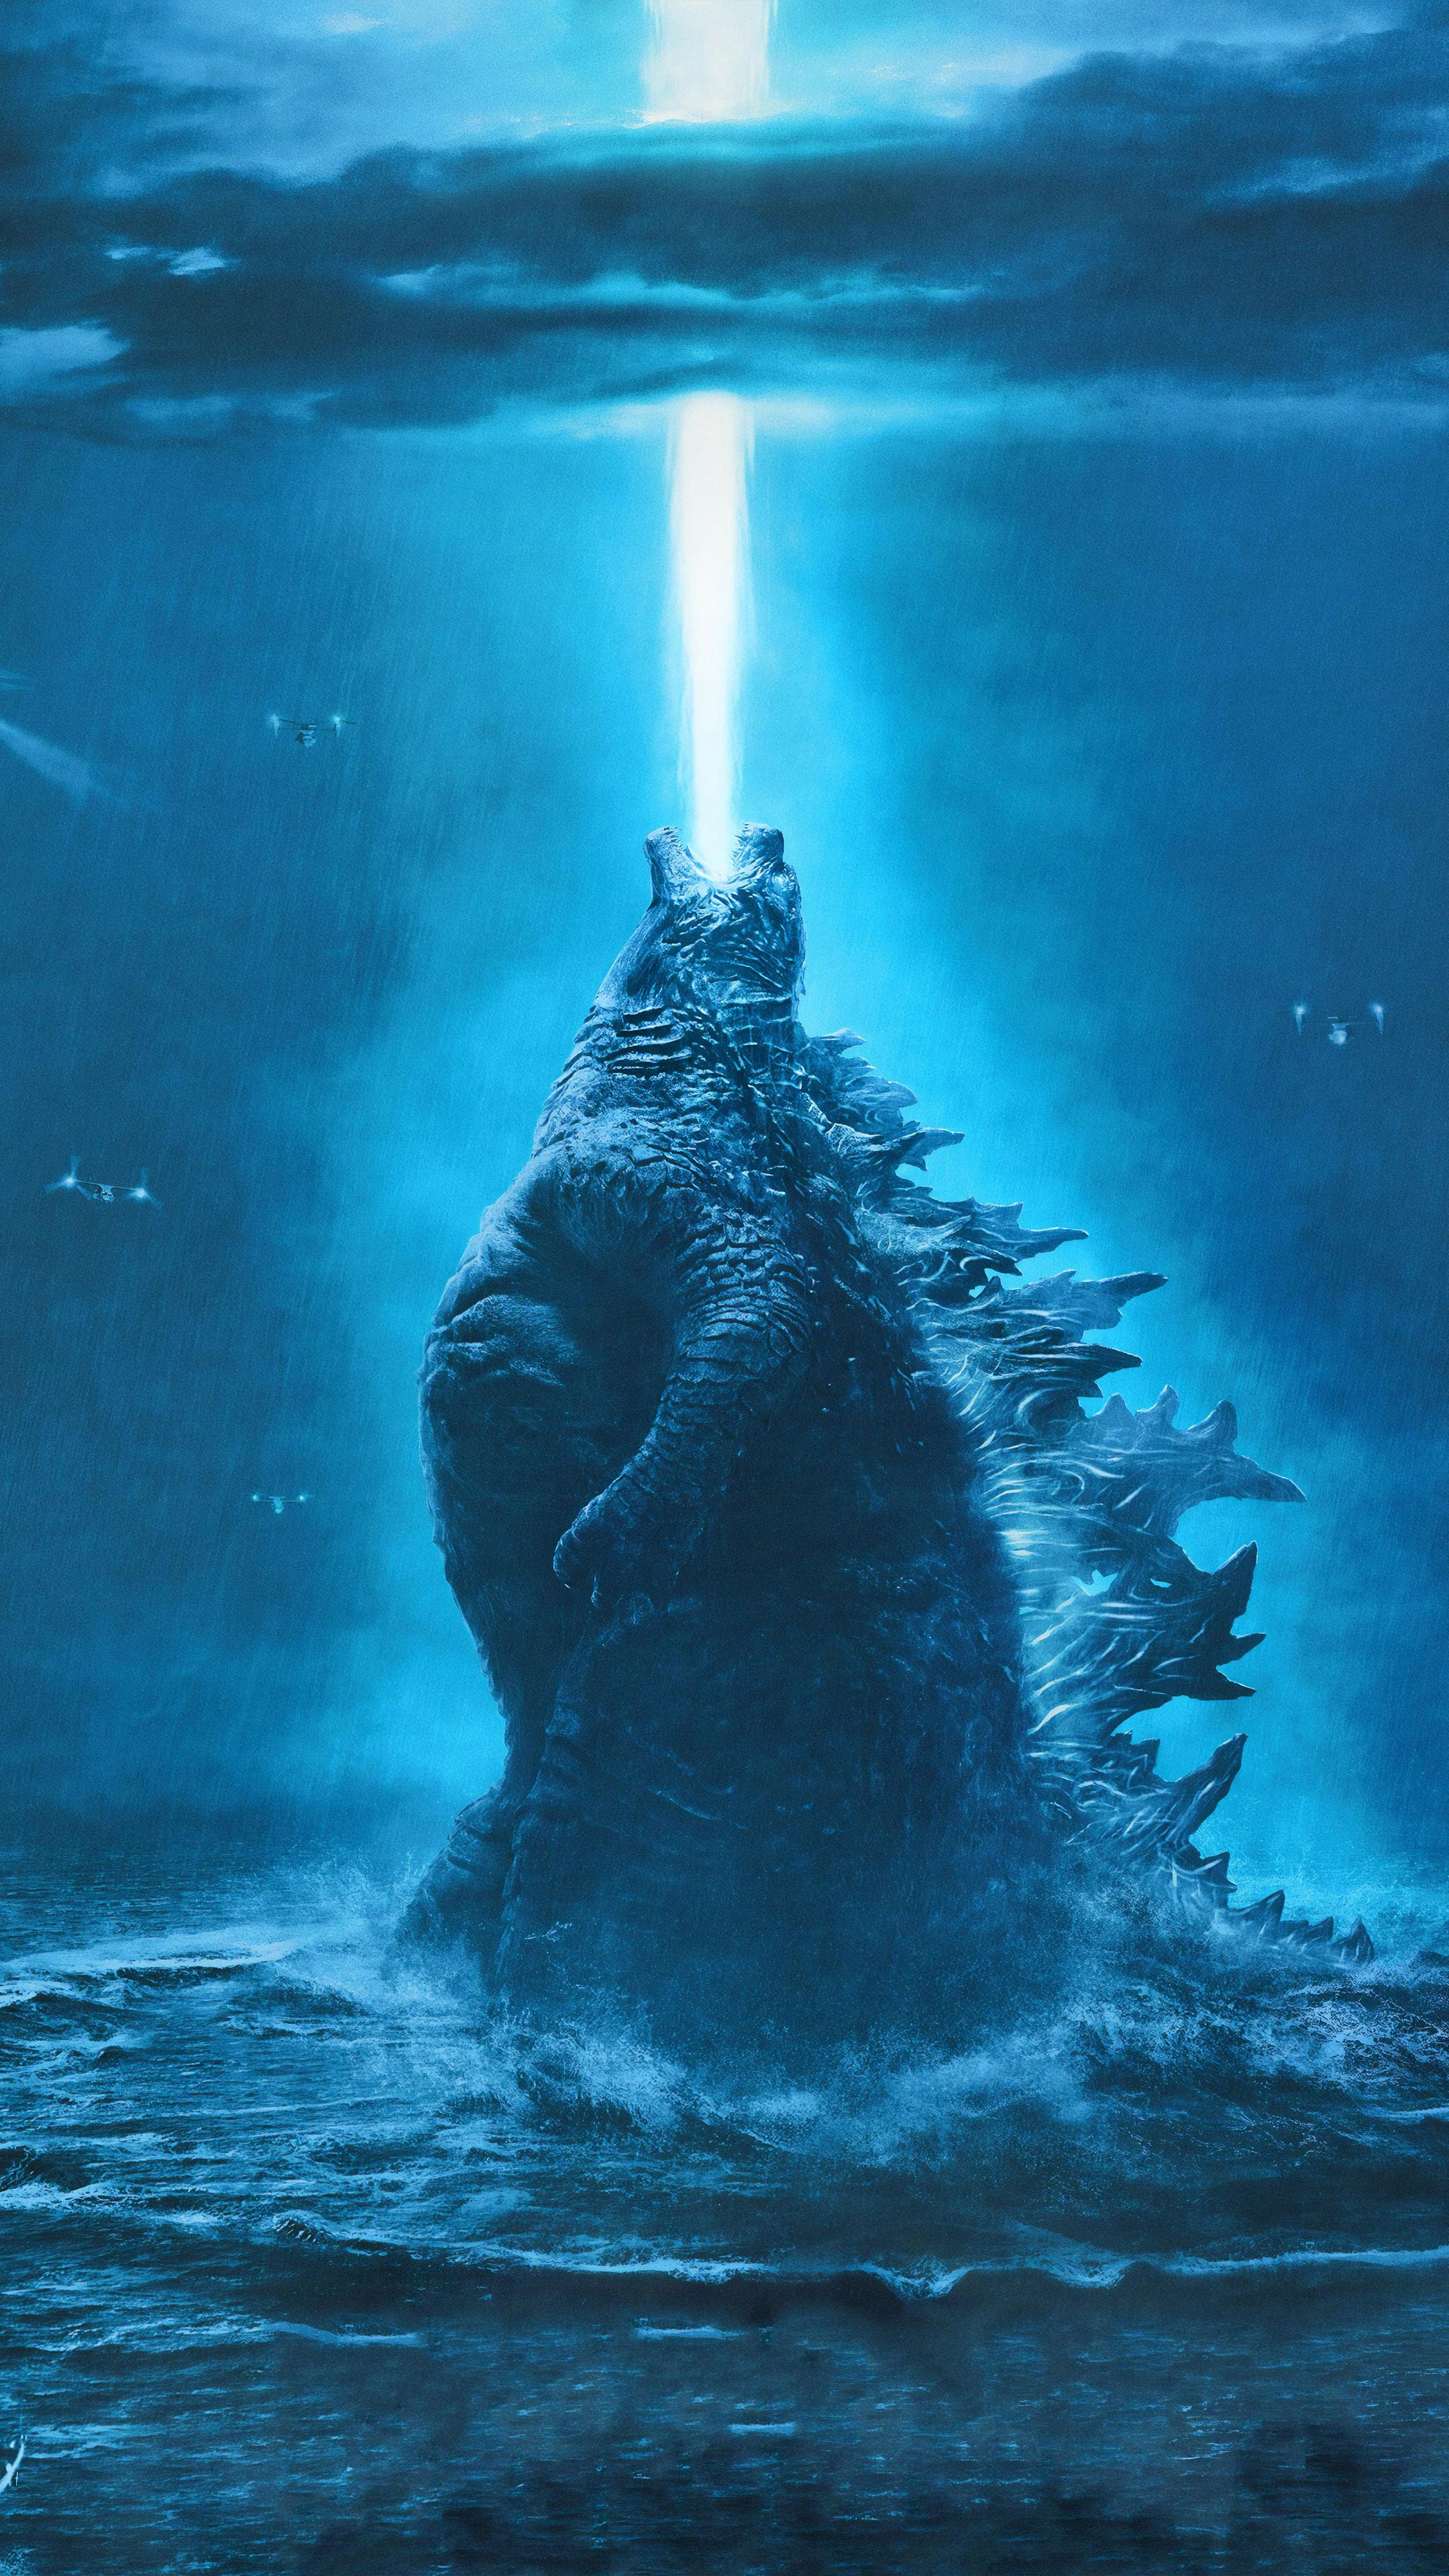 Ảnh đẹp 4k dùng cho điện thoại - Quái thú Godzilla